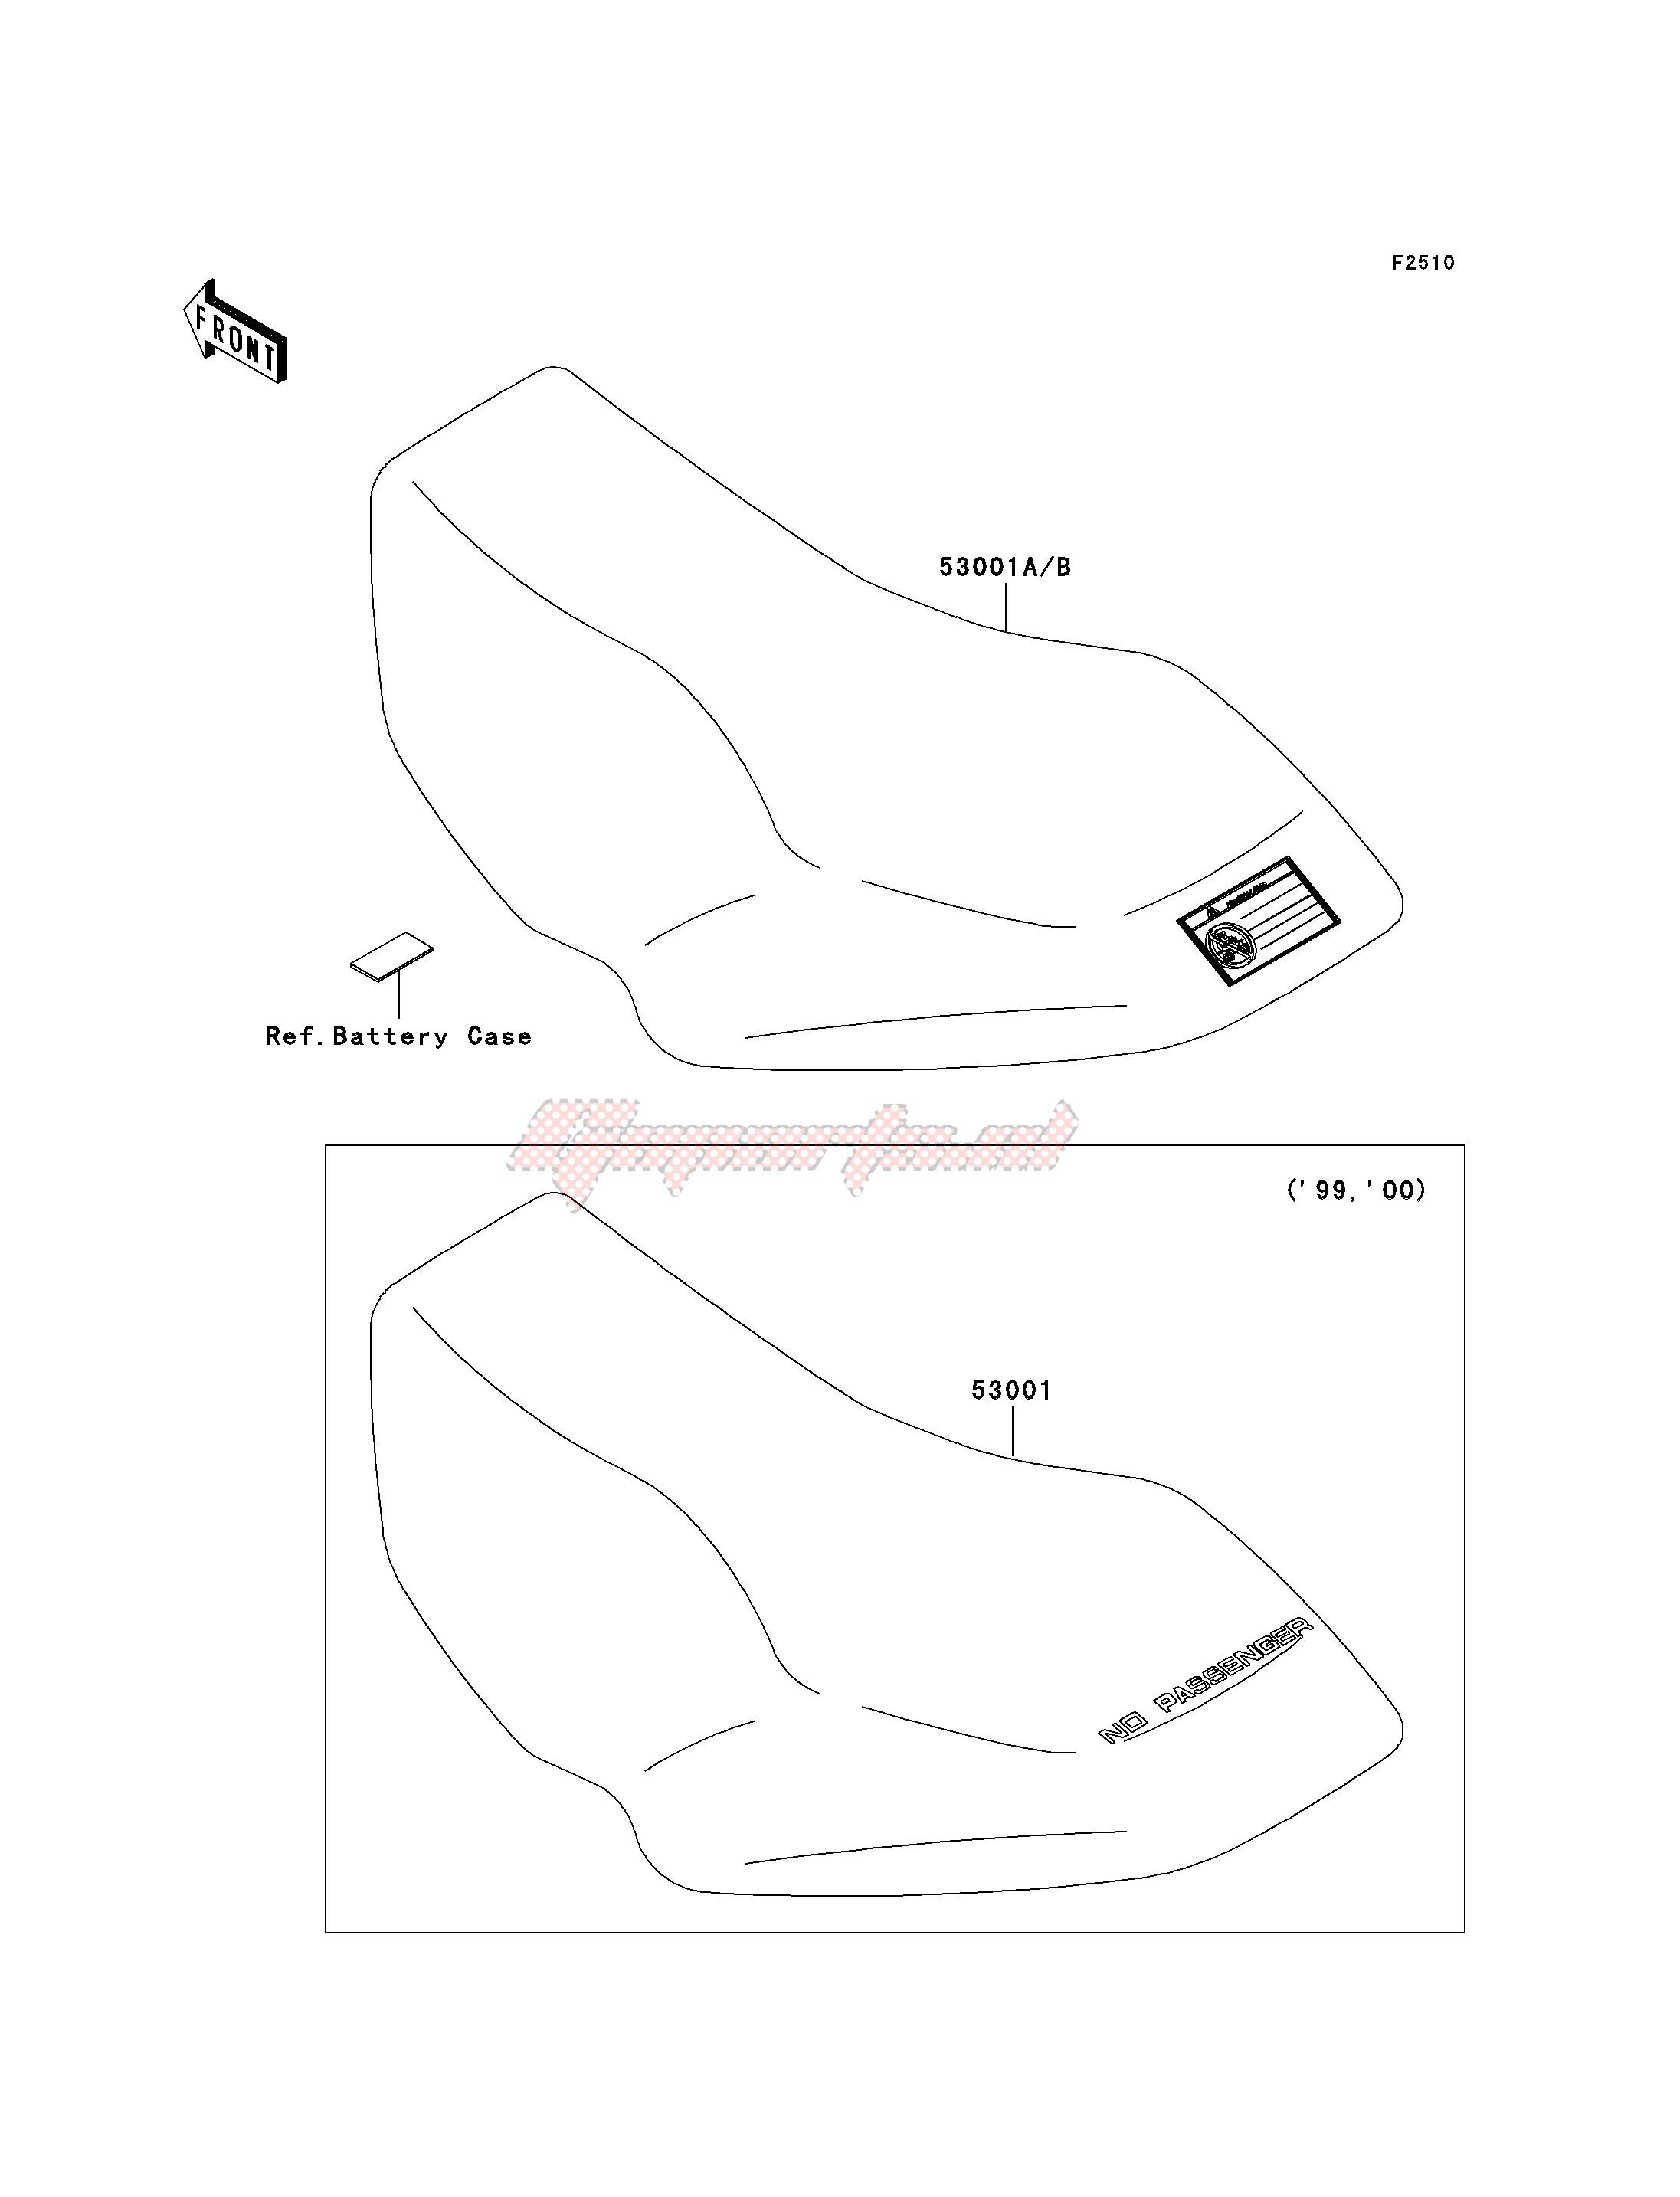 SEAT image